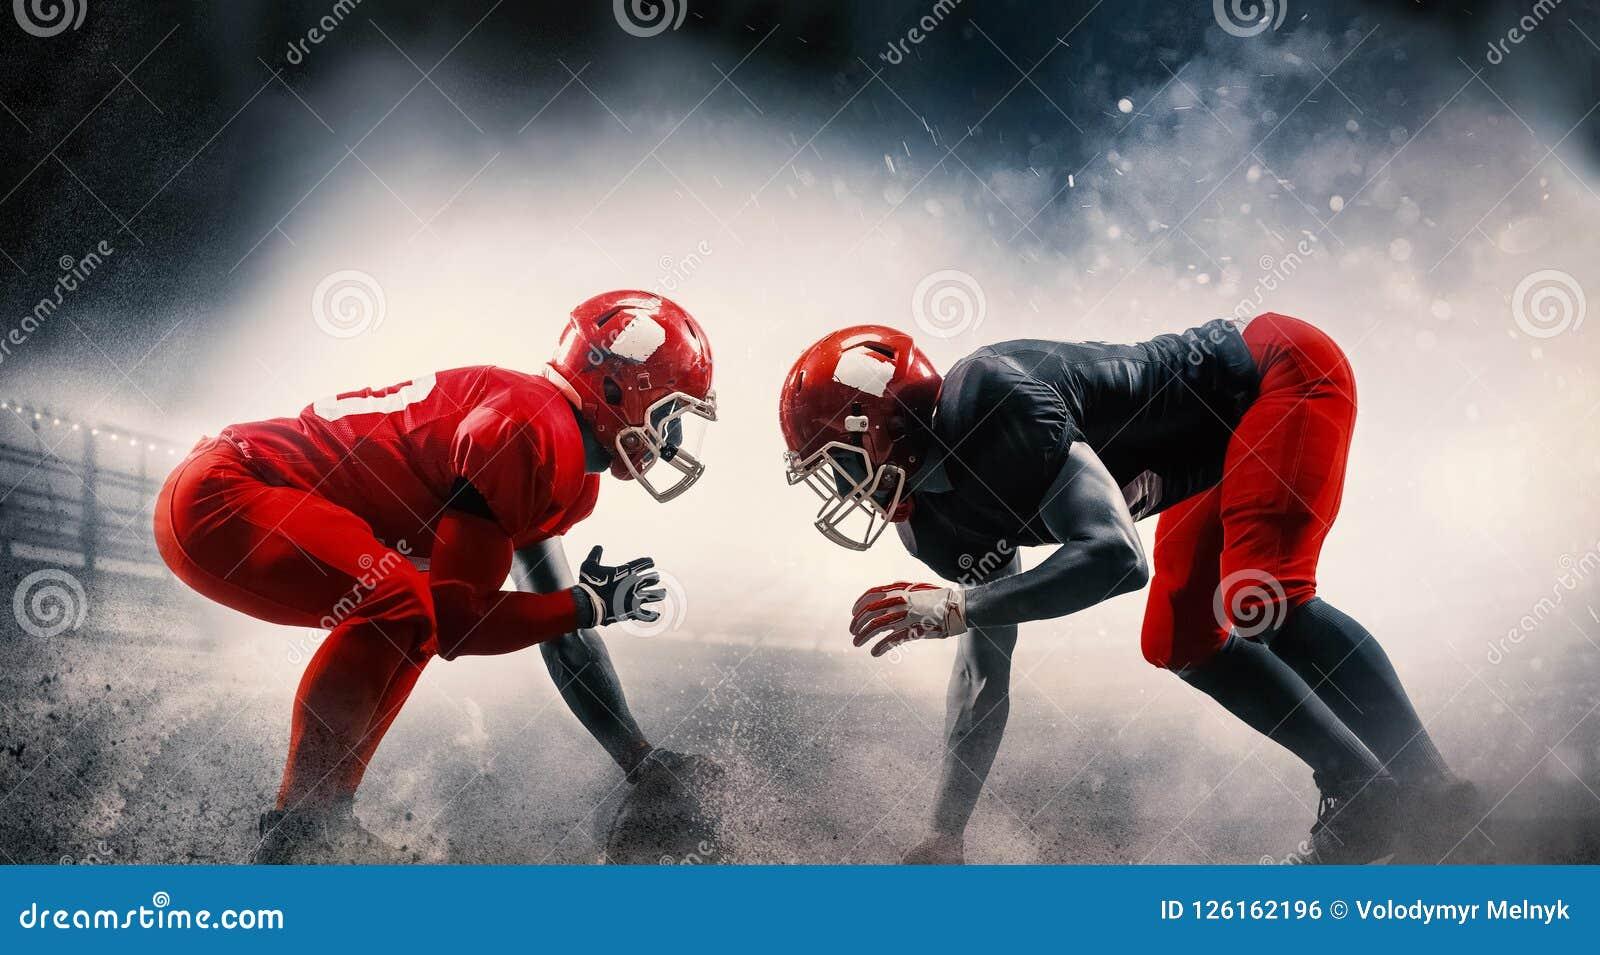 Spieler des amerikanischen Fußballs in der Aktion spielen im Profisportstadion